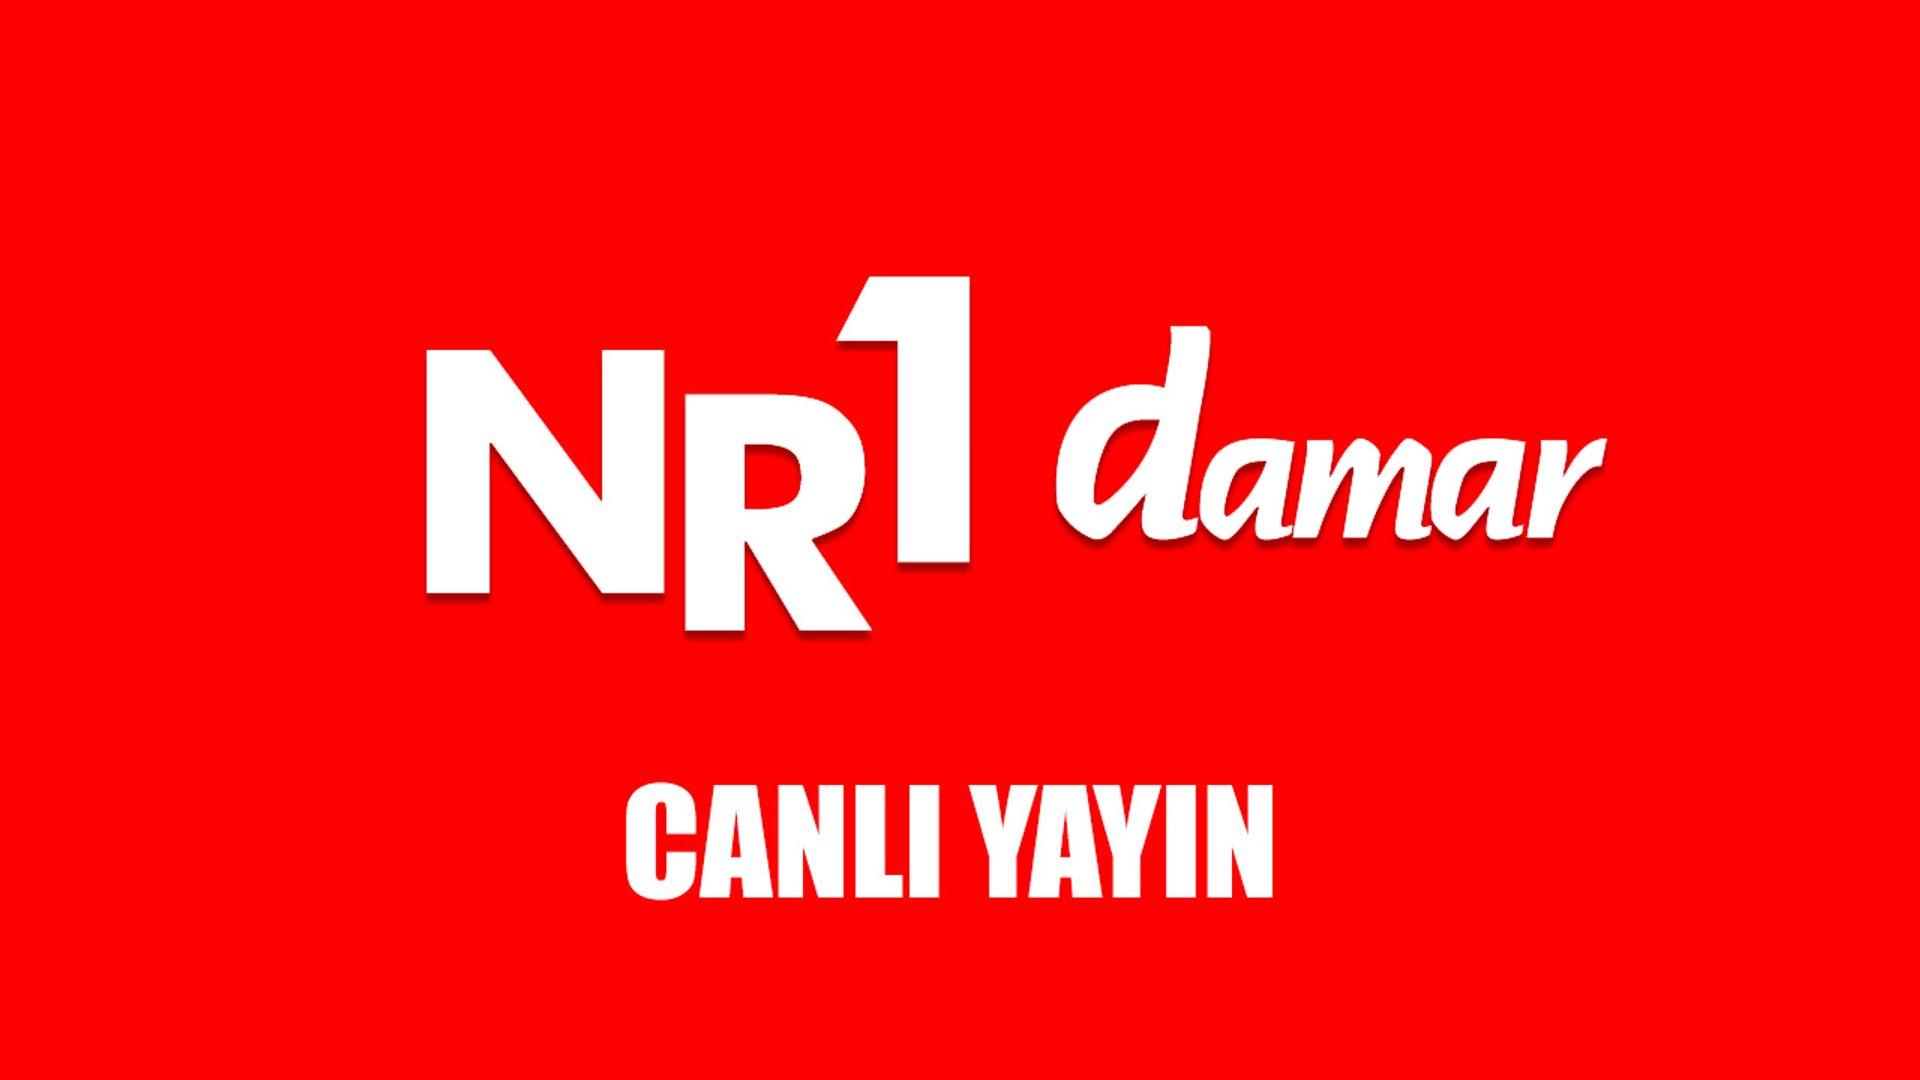 Number One Damar TV